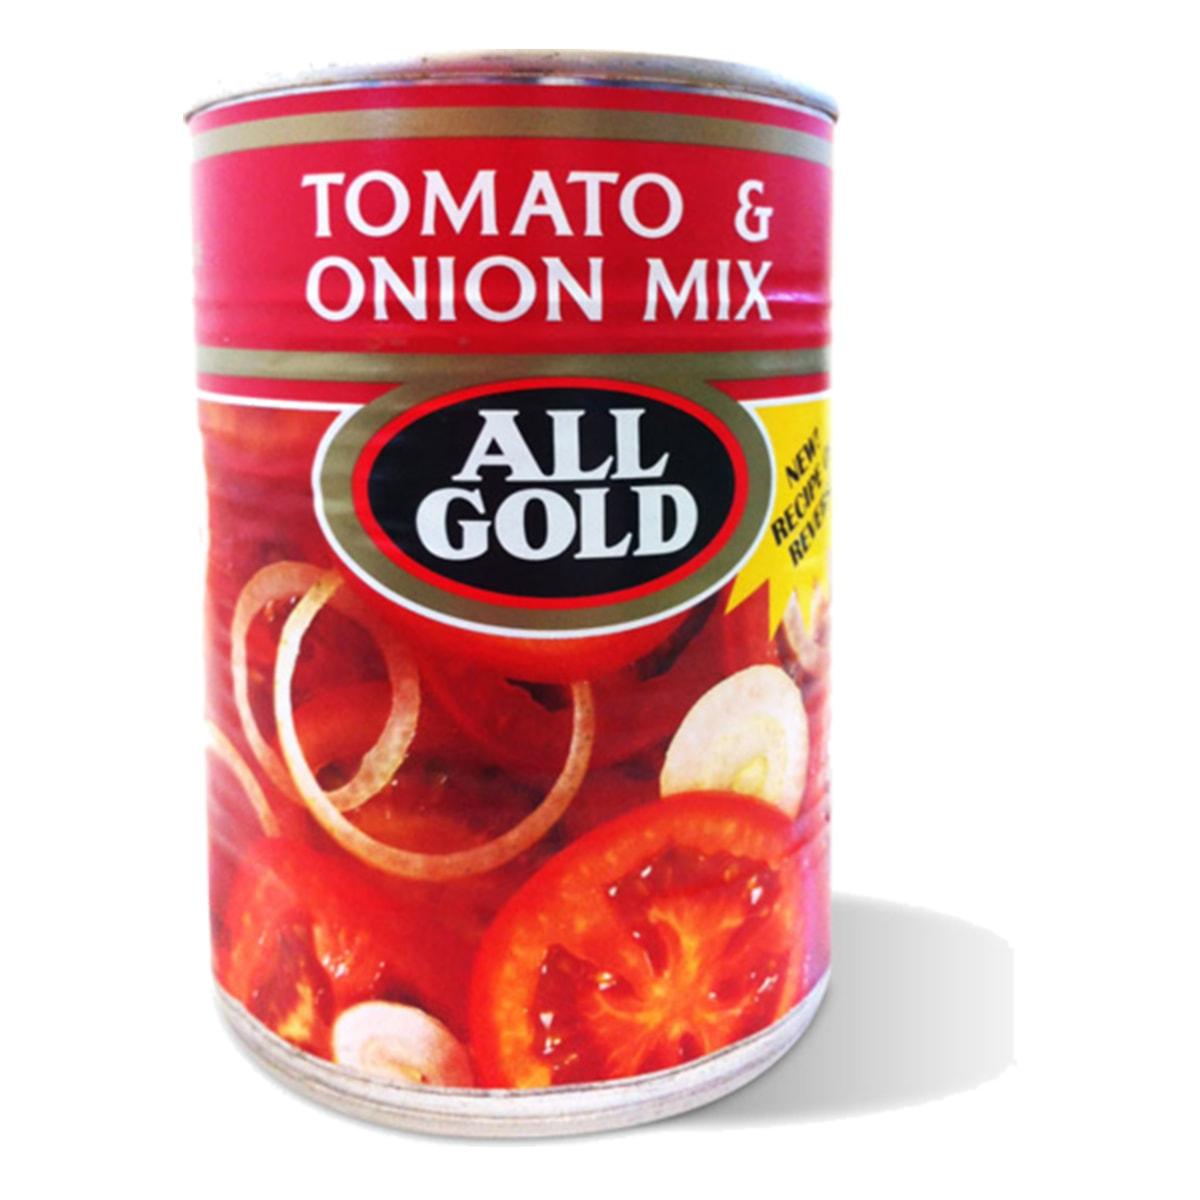 Buy All Gold Chakalaka Tomato and Onion Mix - 410 gm